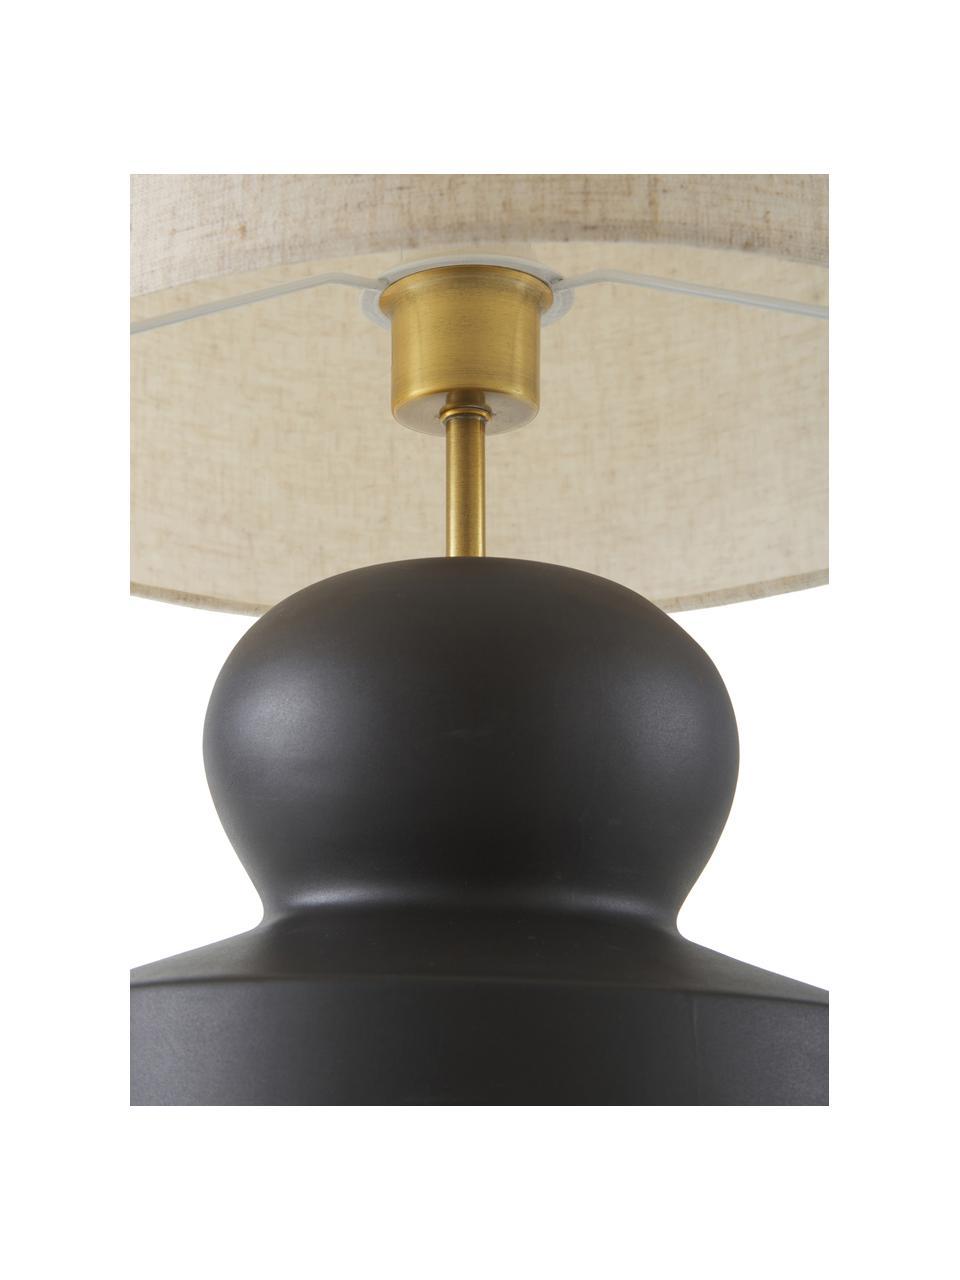 Lampada da tavolo con base in ceramica Georgina, Paralume: tessuto, Base della lampada: ceramica, Decorazione: metallo ottonato, Beige, nero, Ø 33 x Alt. 52 cm